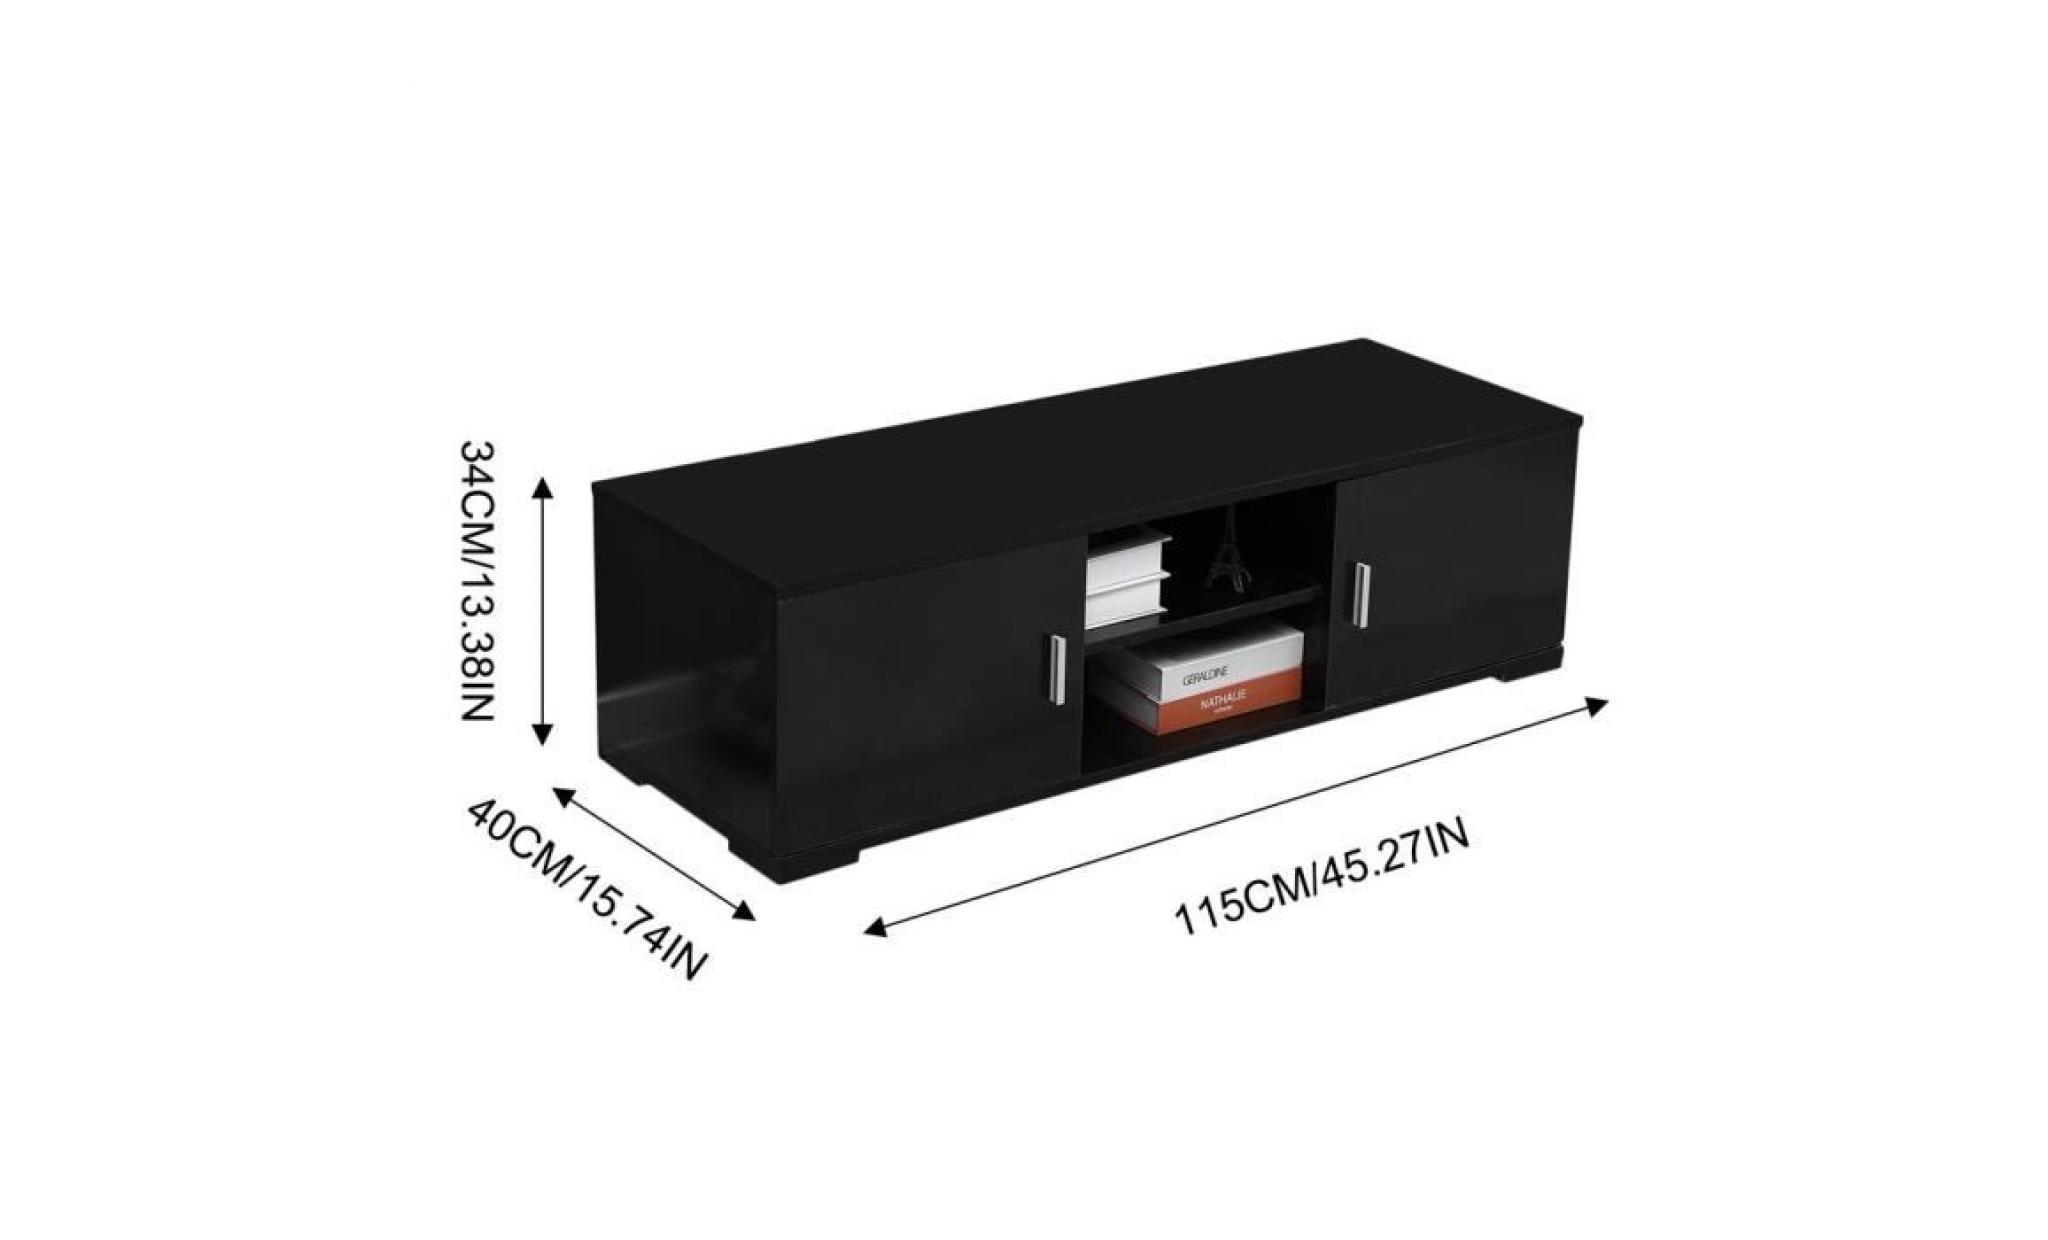 meuble tv design contemporain noir 115cm achat vente meuble tv pas cher couleur et design fr